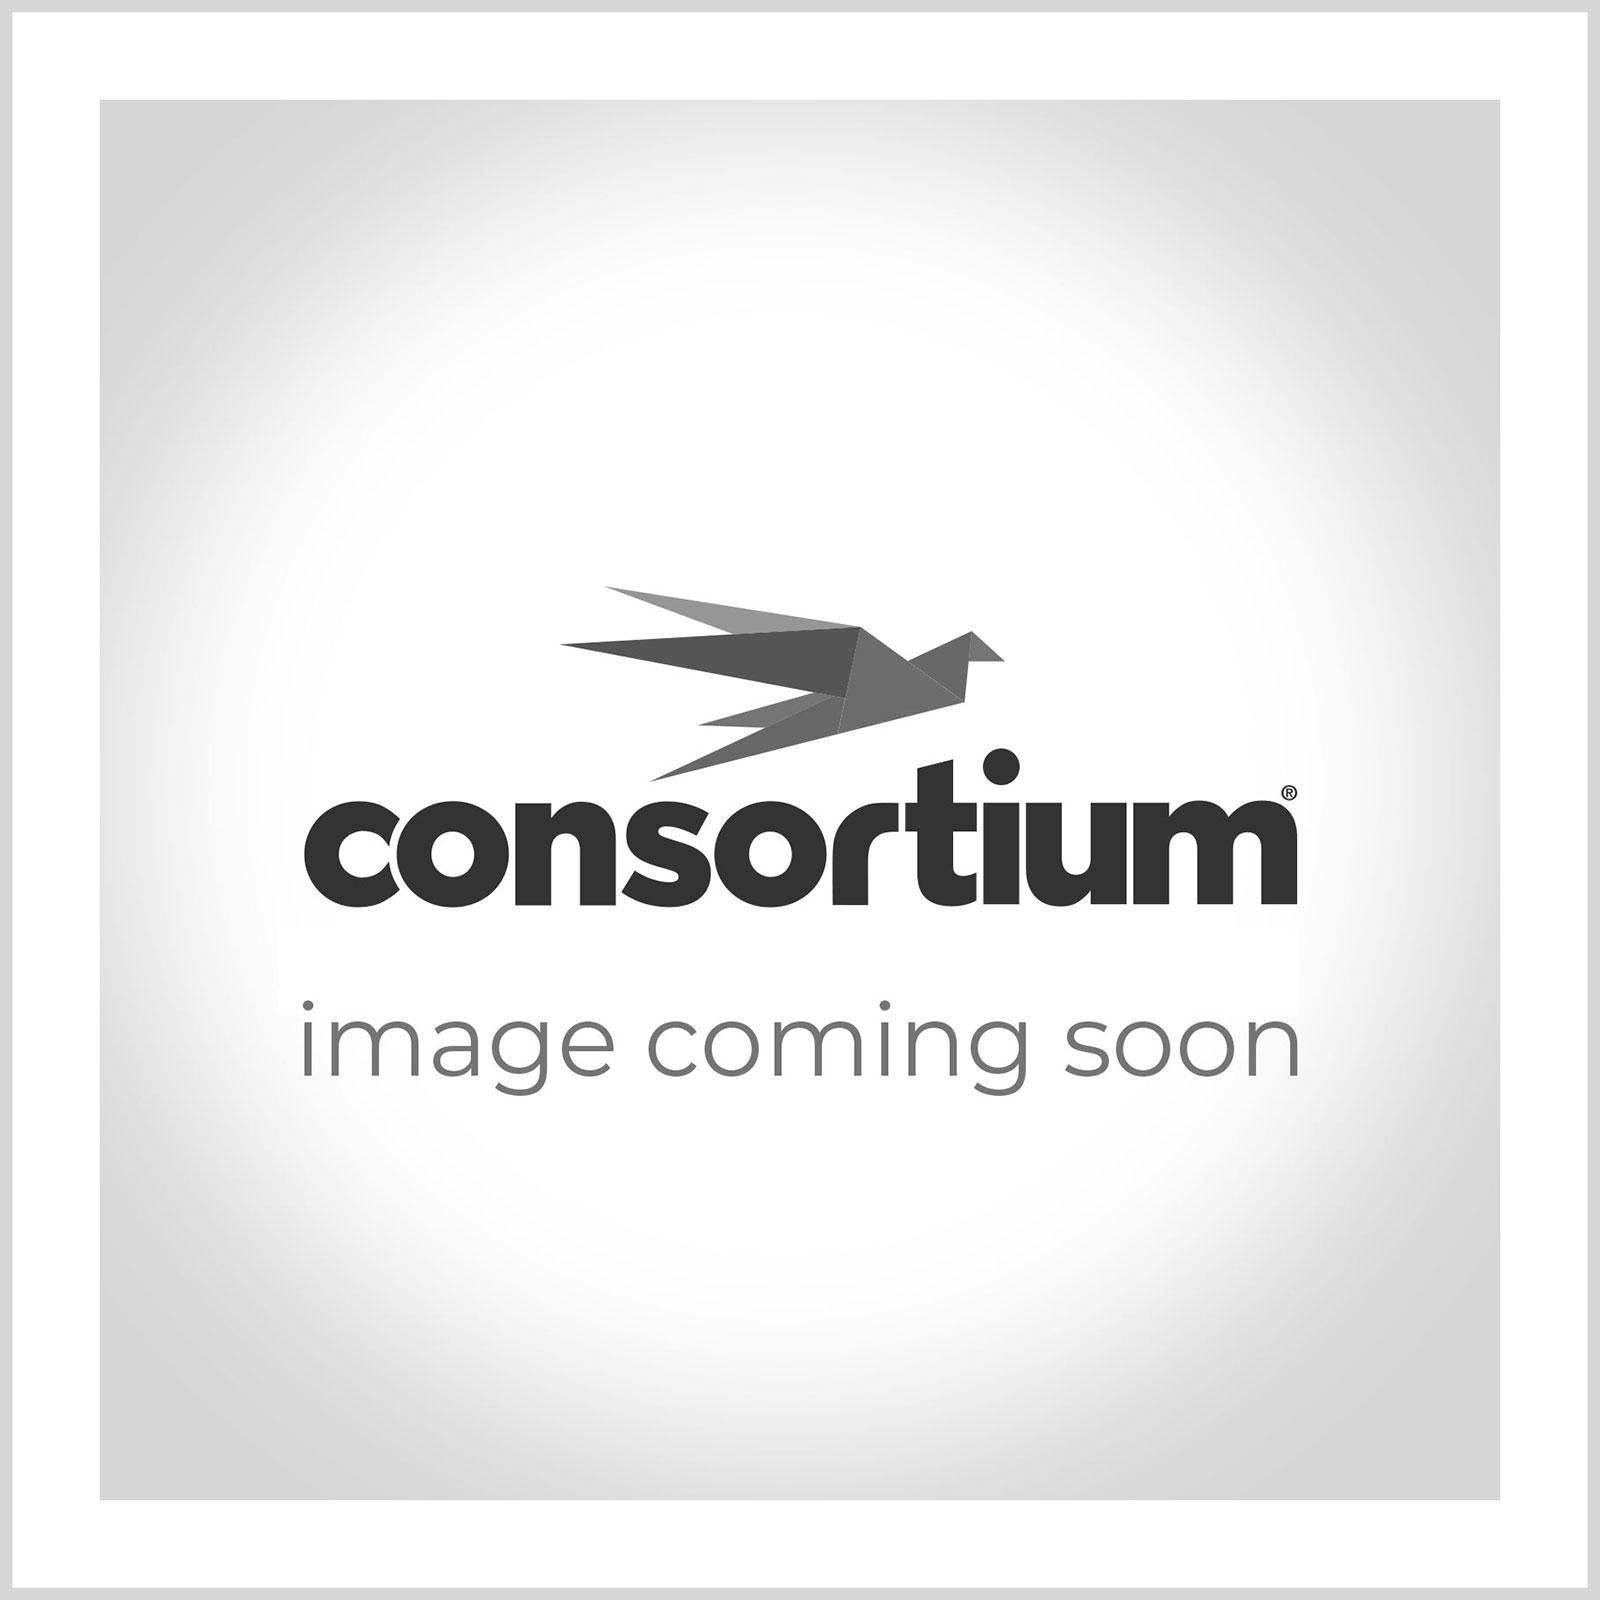 Fine Motor Plastic Tweezers